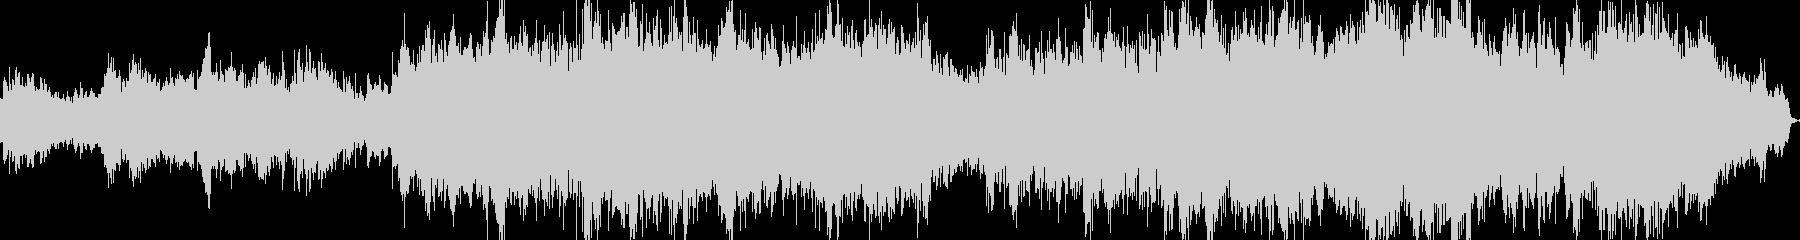 日本の音階を使ったヒーリングミュージックの未再生の波形